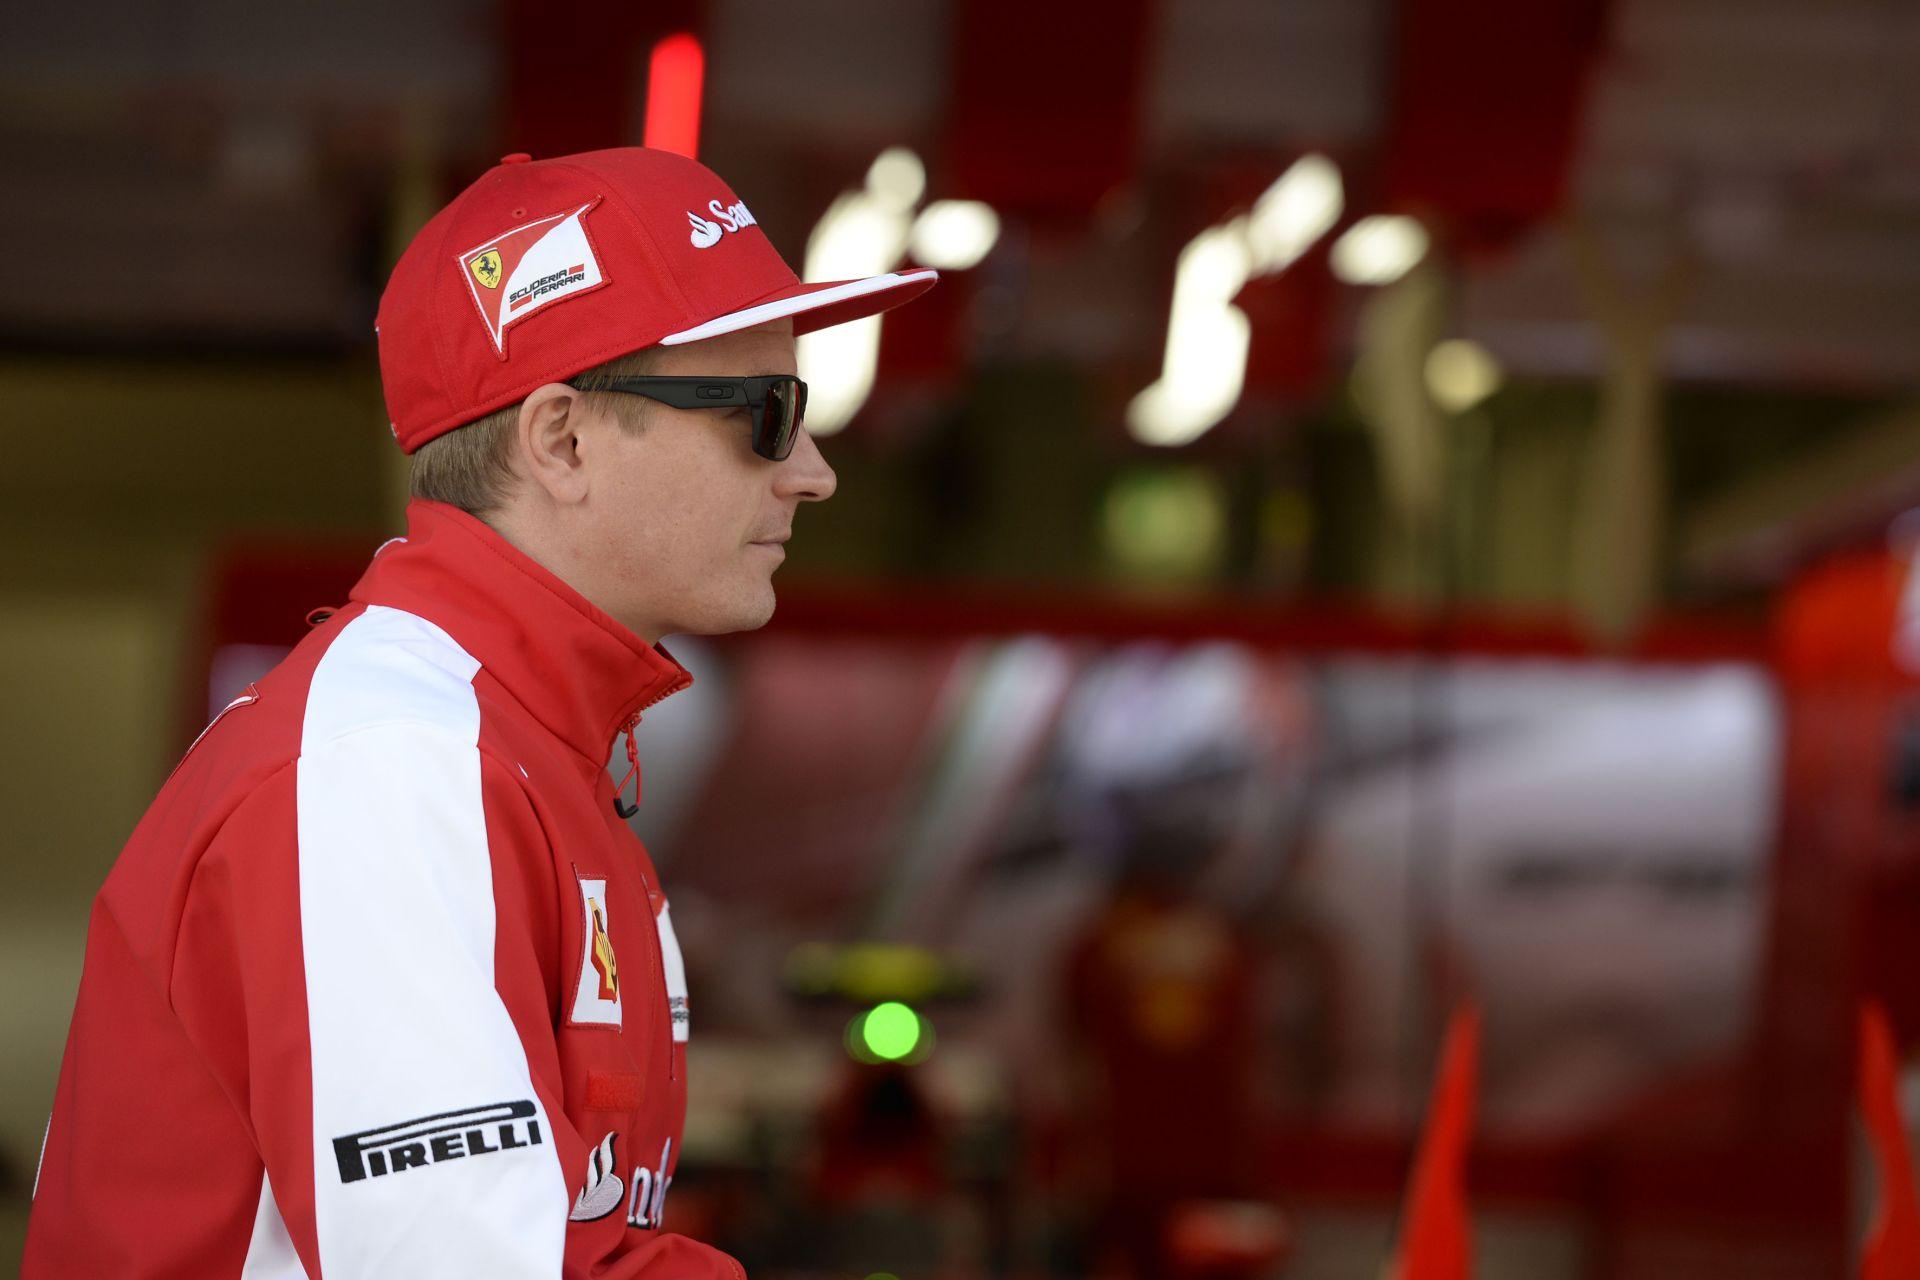 Így röhögött Raikkönen zúzásán a legendás holland F1-es kommentátor Szocsiban élő adásban